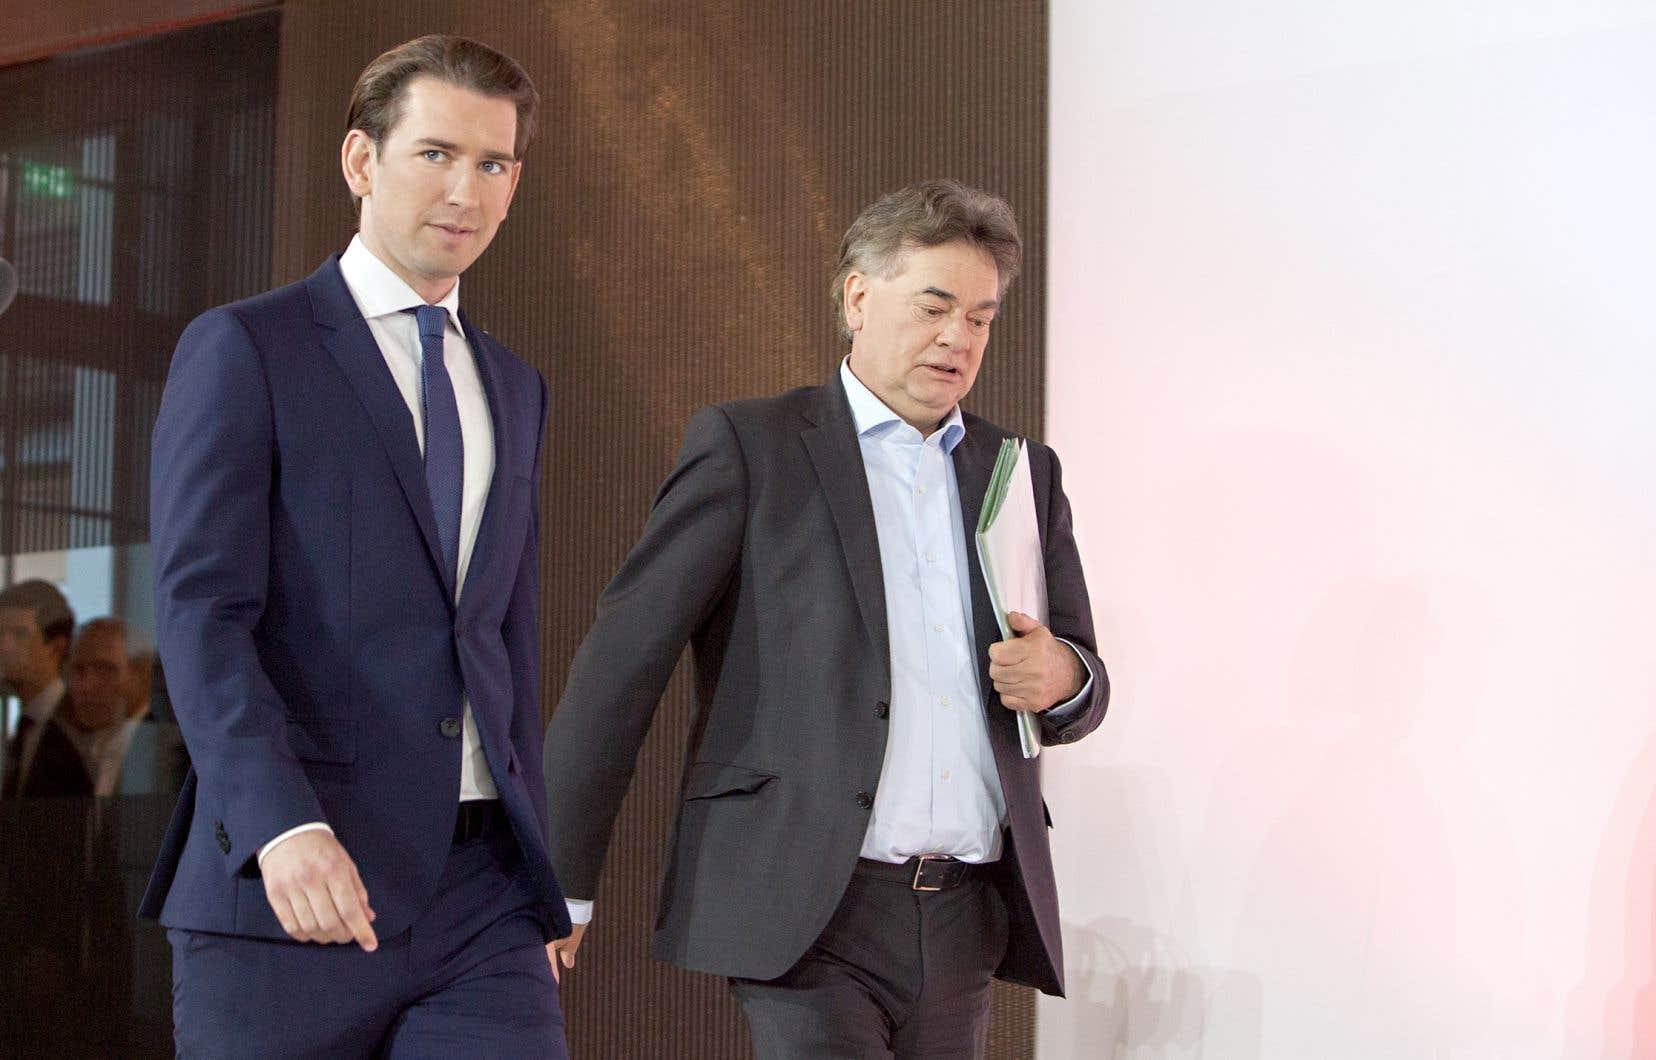 Sebastian Kurz, chef du parti de droite ÖVP, et Werner Kogler, le chef des verts, ont présenté, jeudi, le programme de leur gouvernement de coalition.